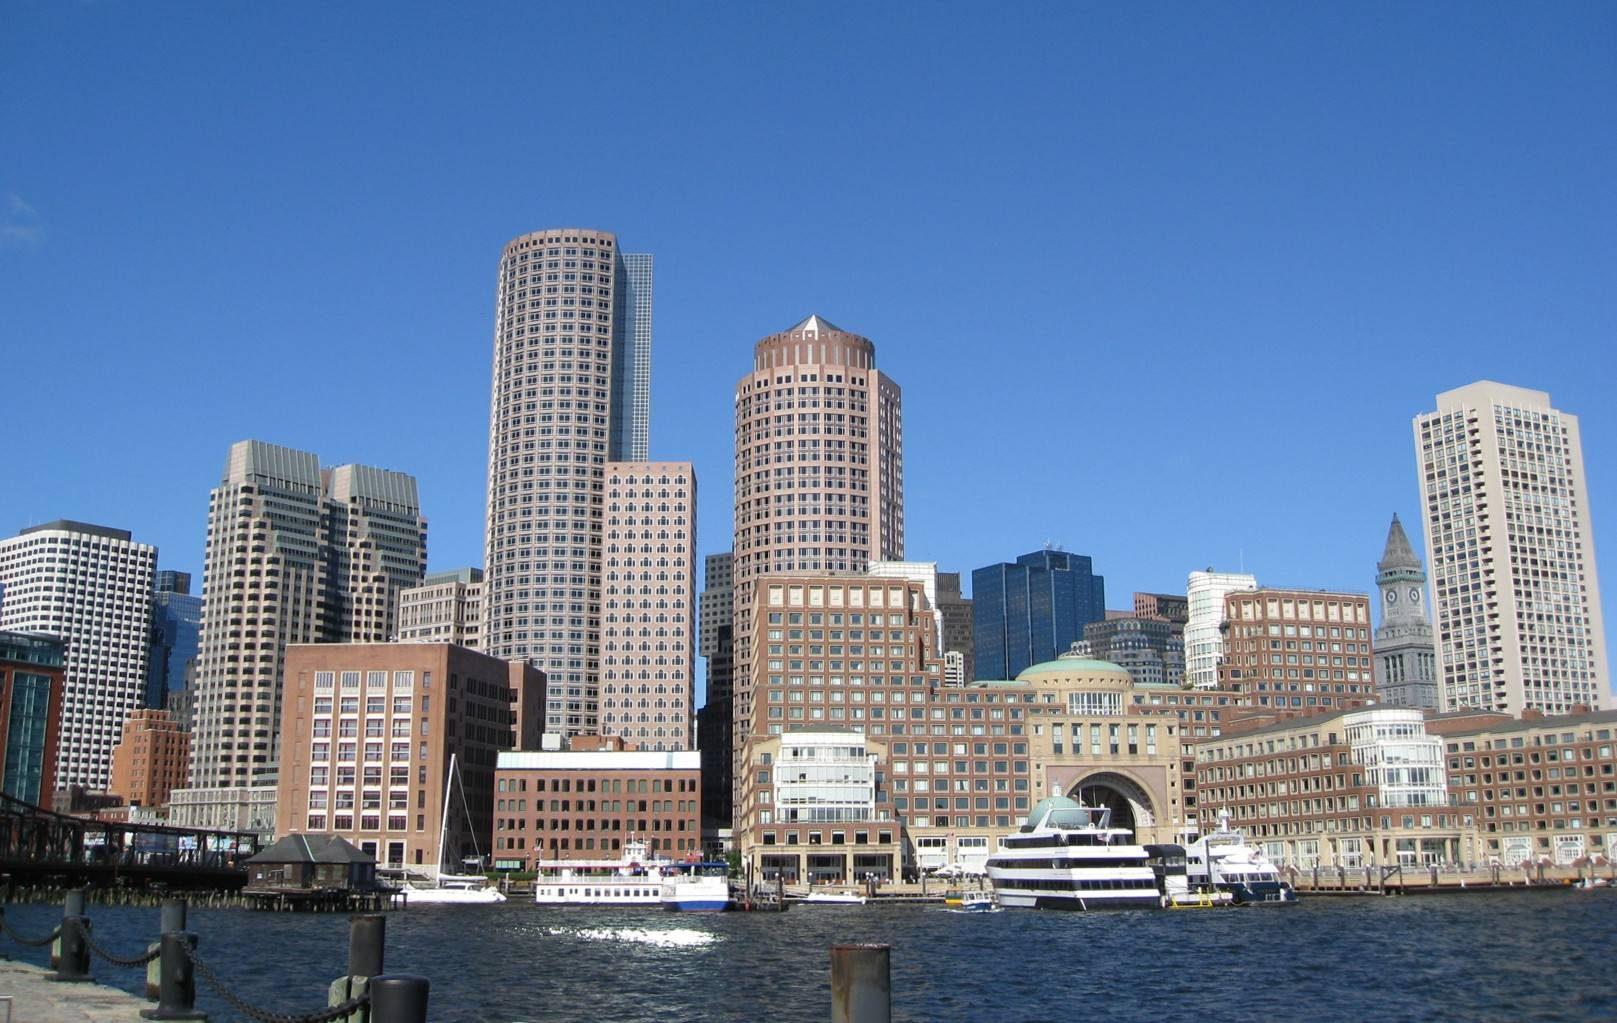 La skyline di Boston